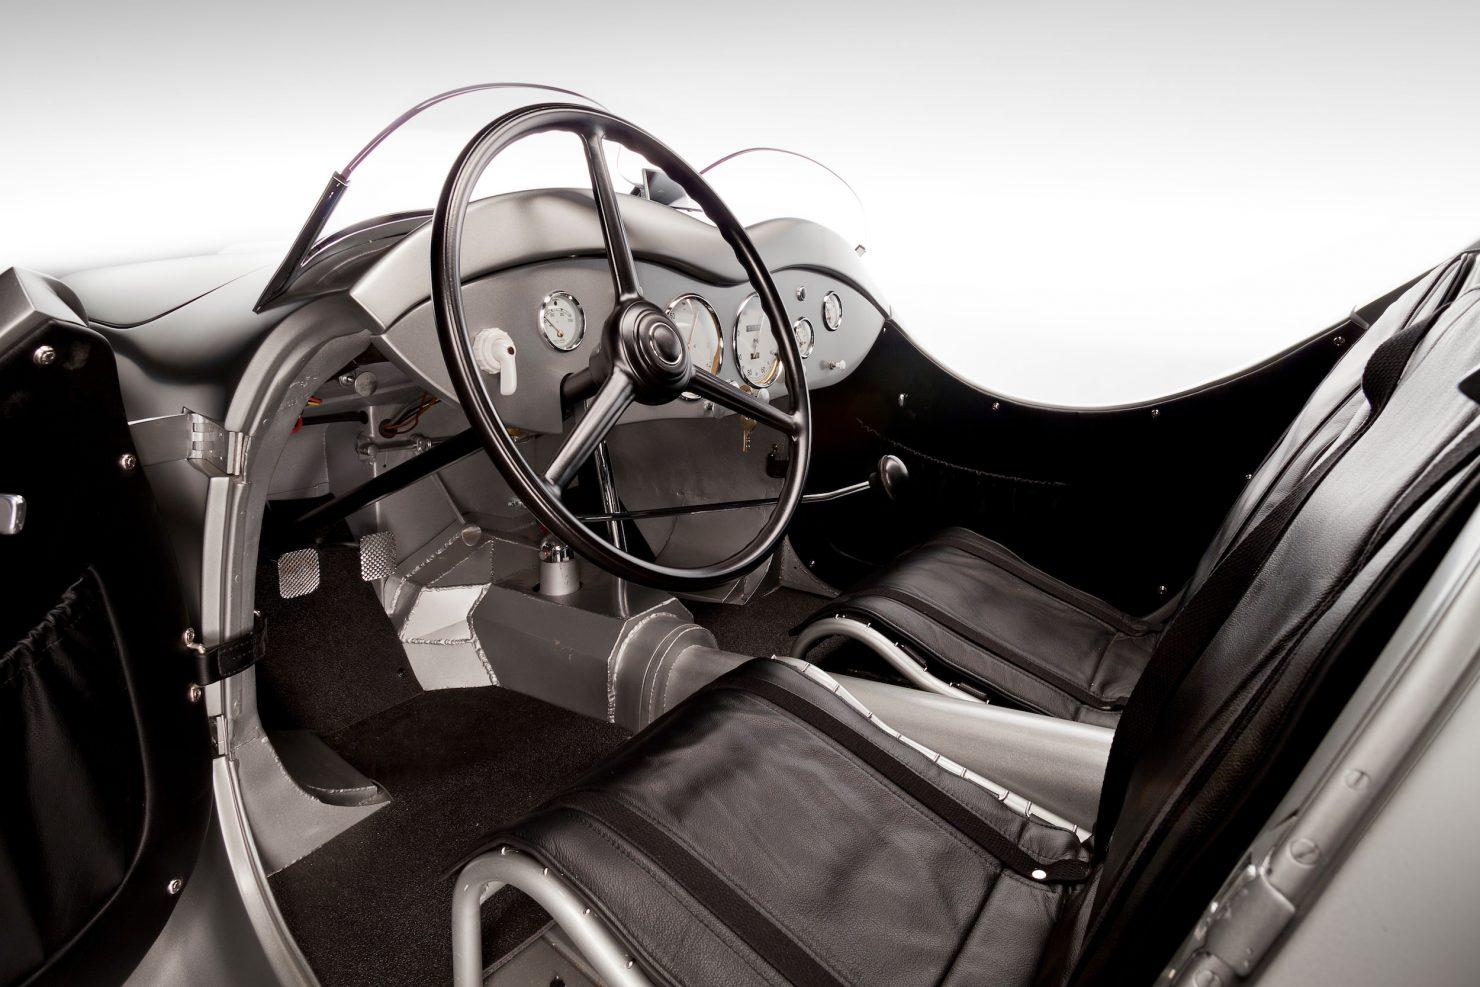 BMW 328 10 1480x987 - 1940 BMW 328 Roadster